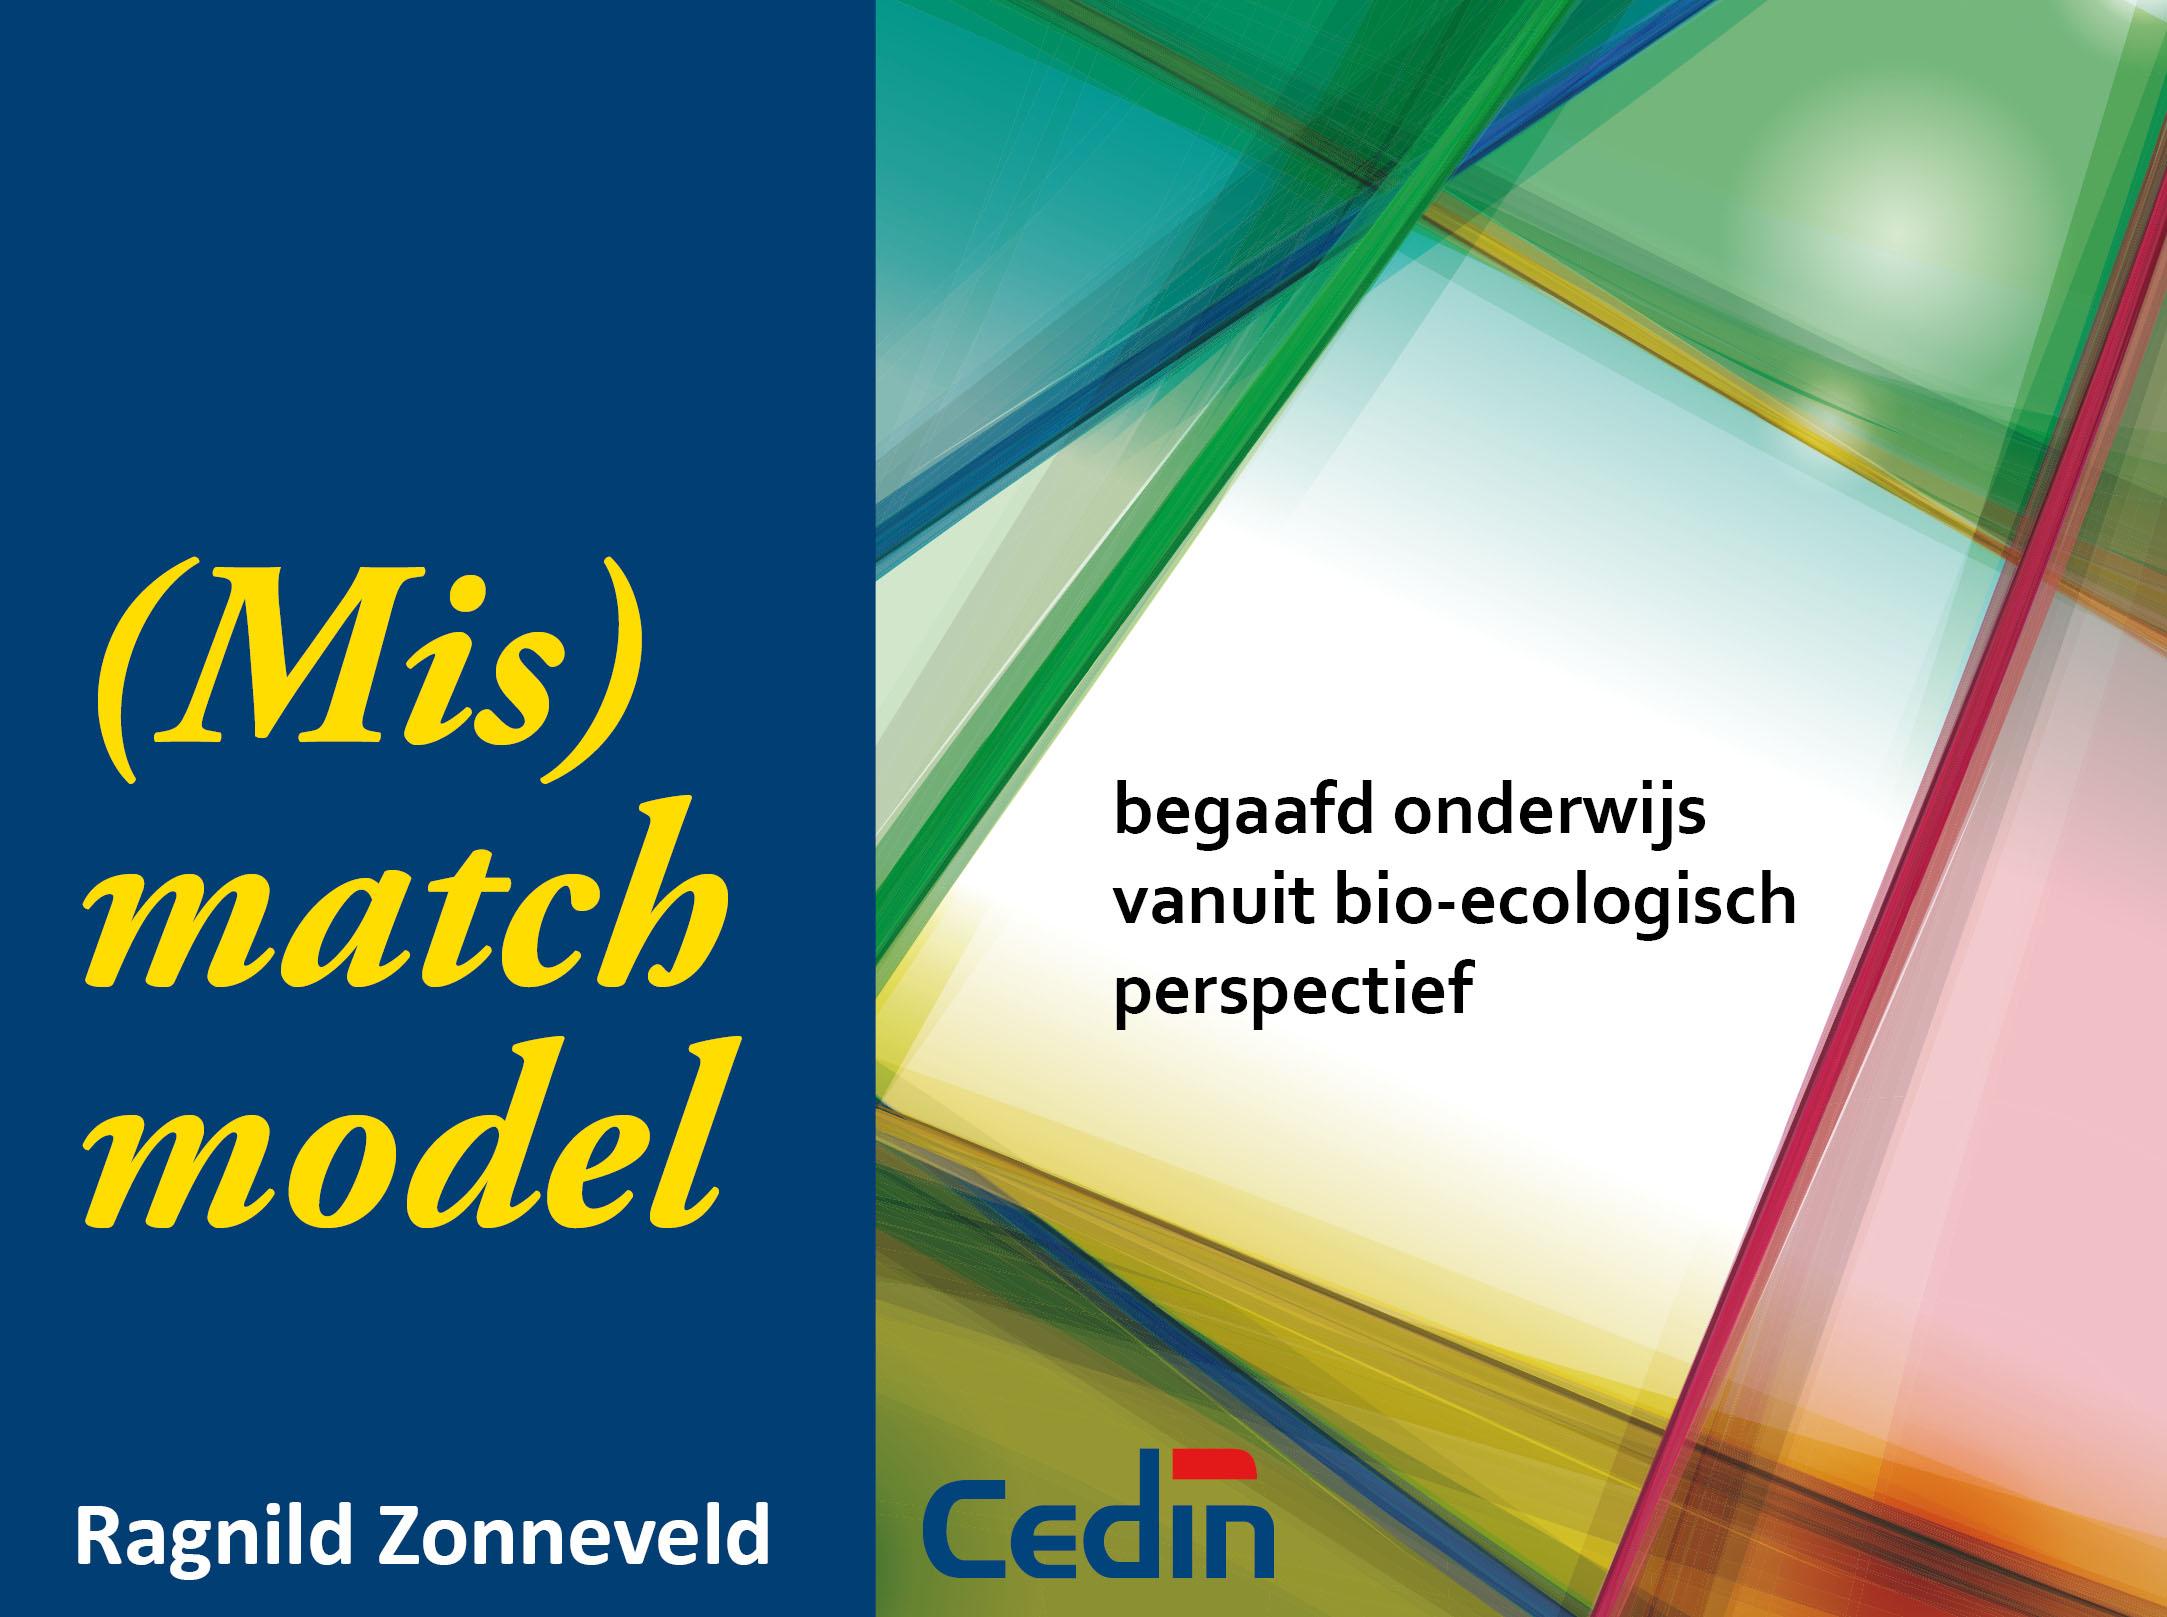 Het (mis)matchmodel: begaafd onderwijs vanuit bio-ecologisch perspectief